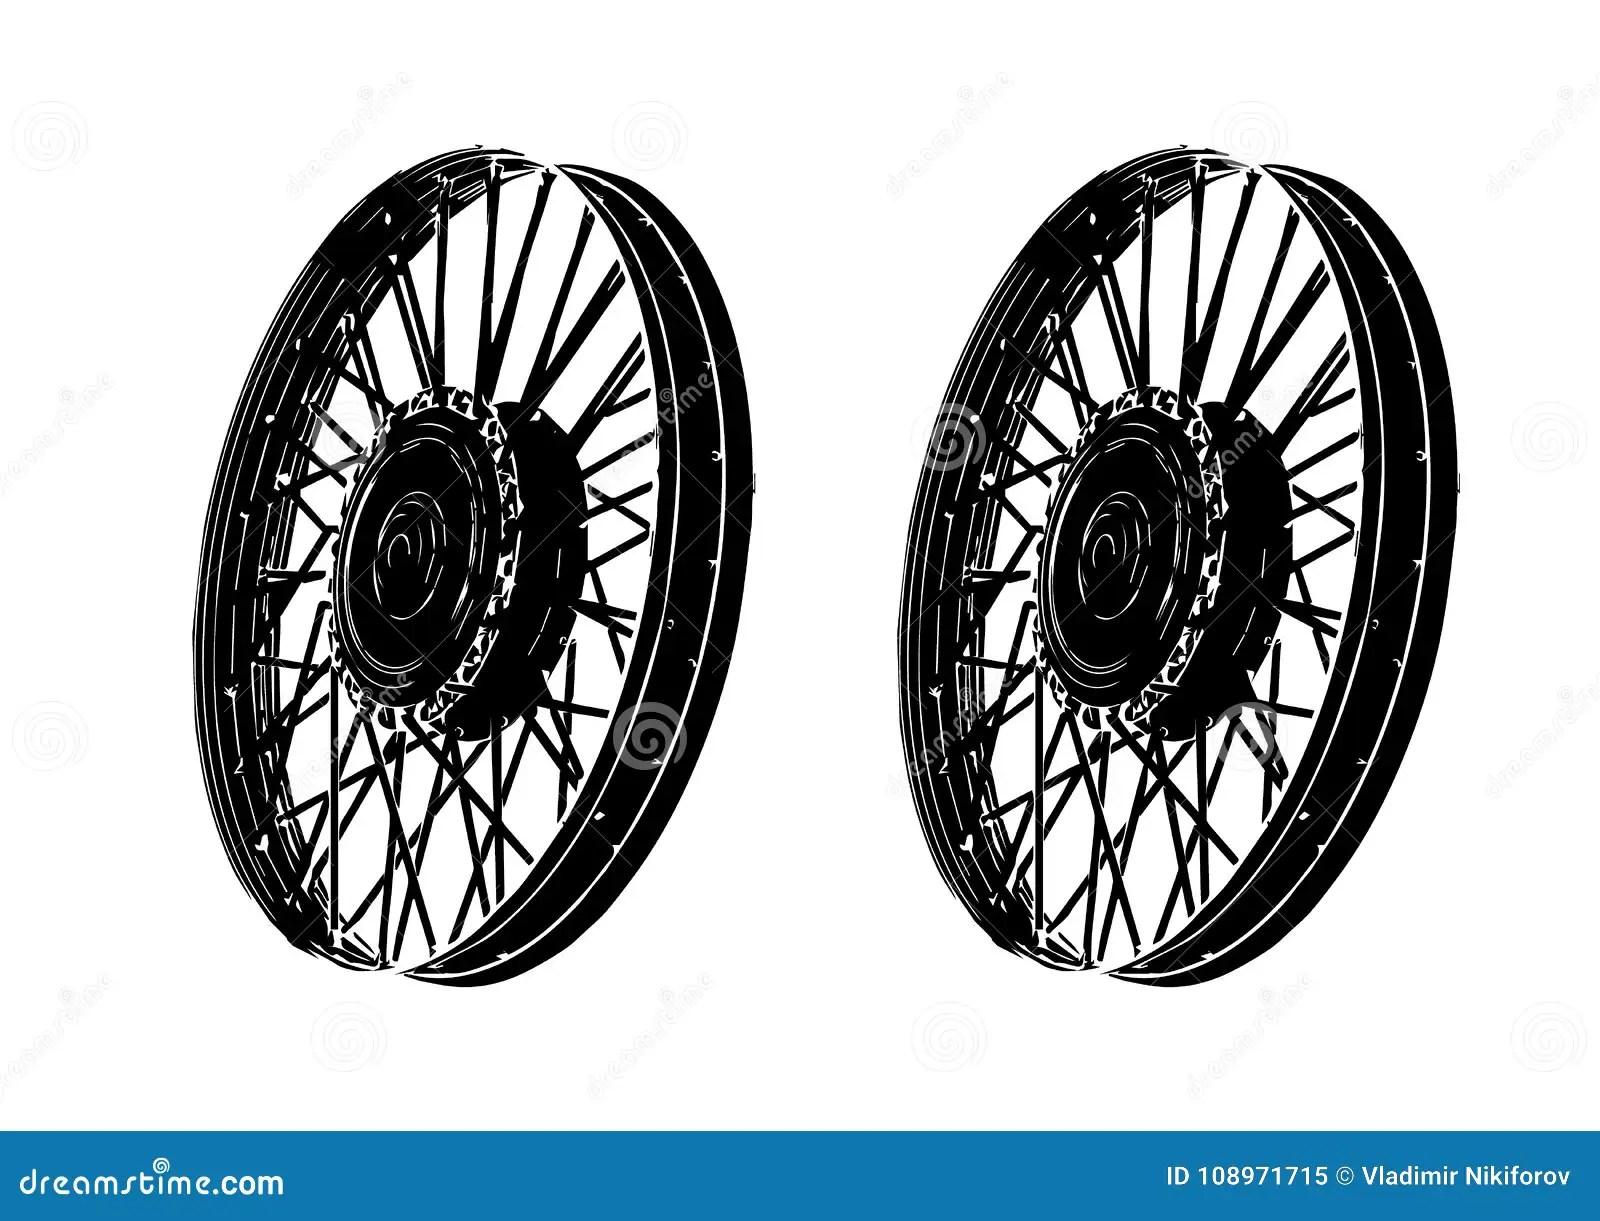 Black spoke wheel stock vector. Illustration of race